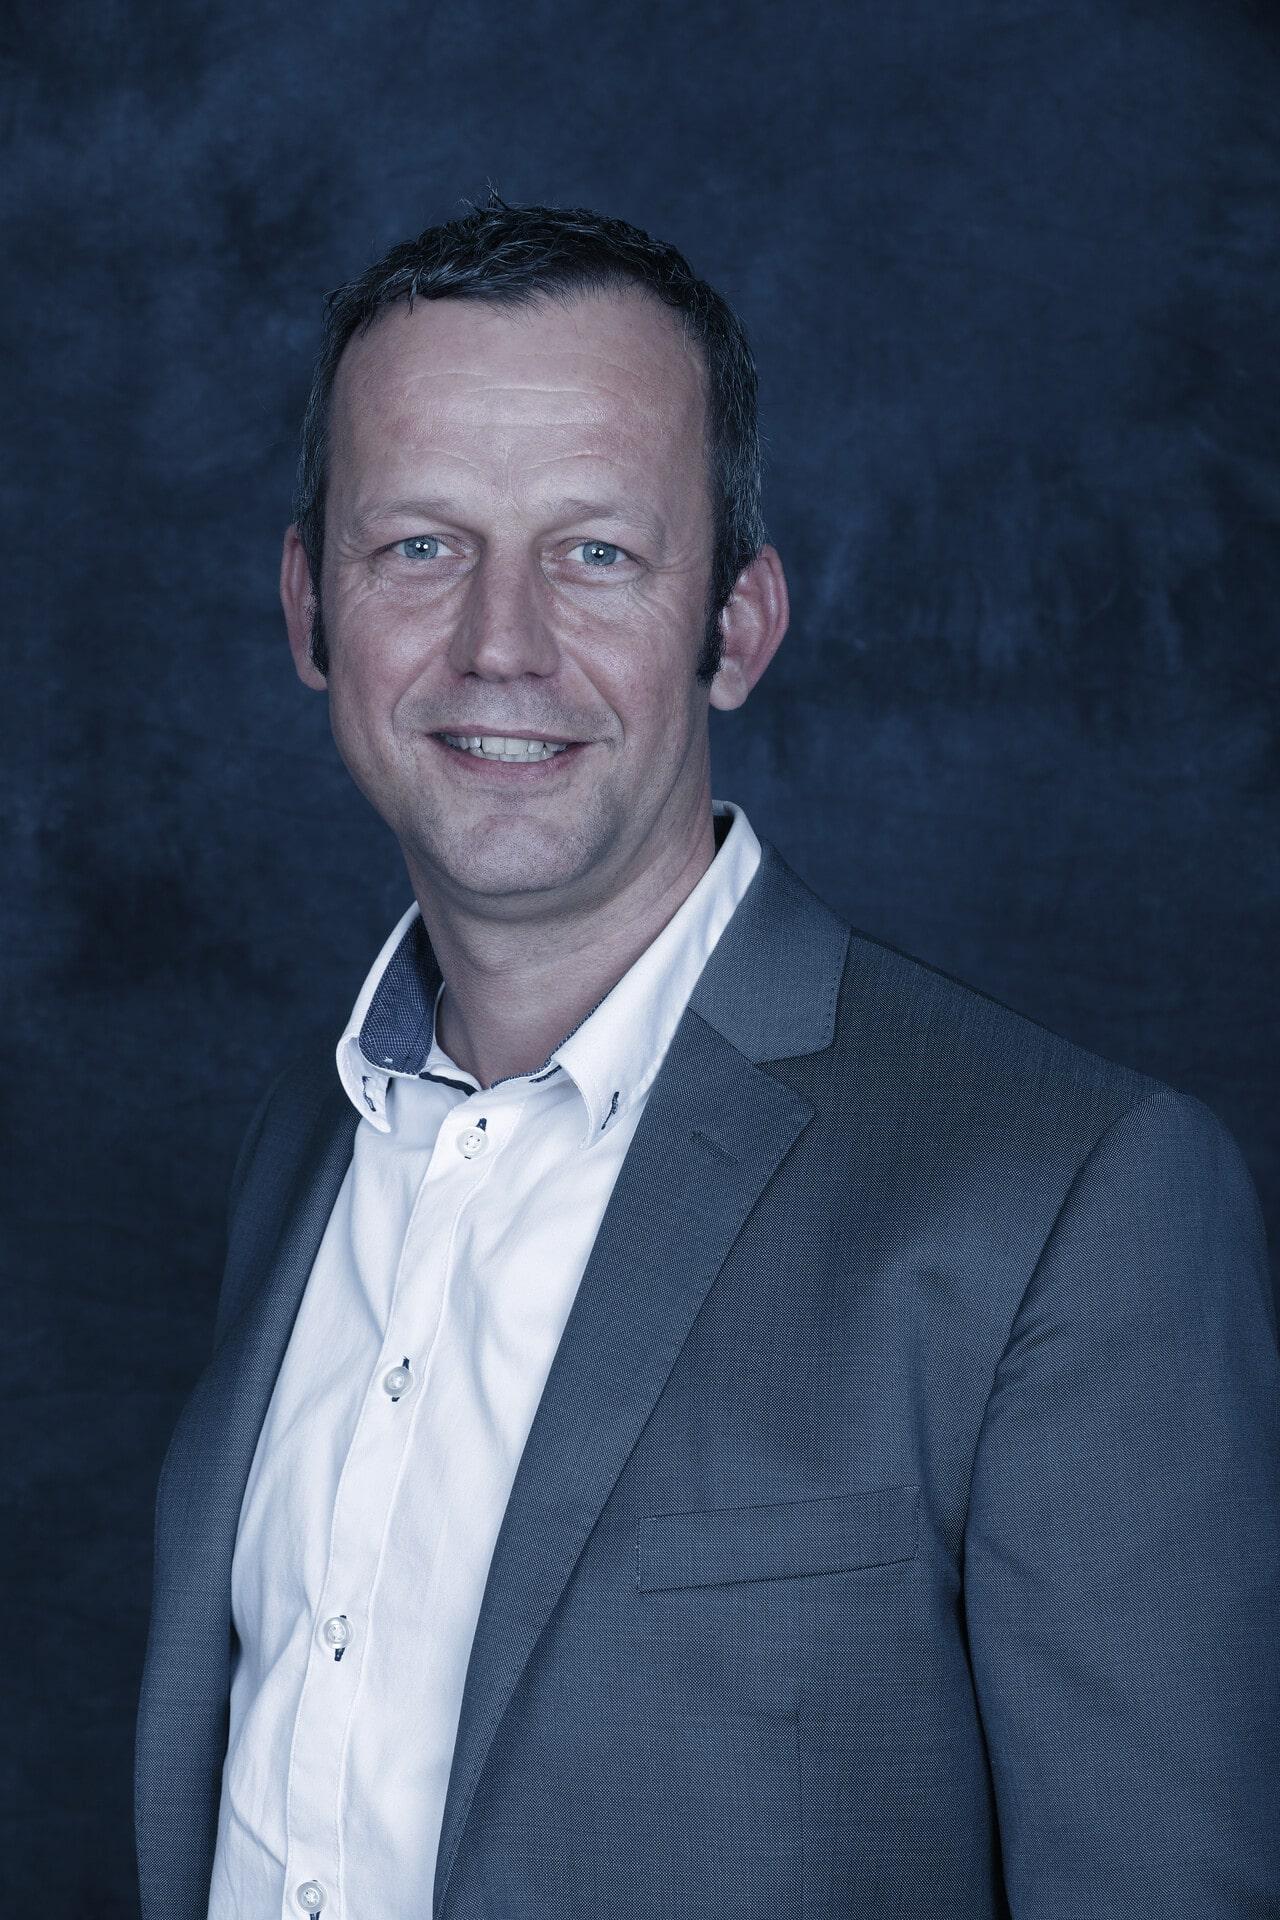 Anton van den Berg